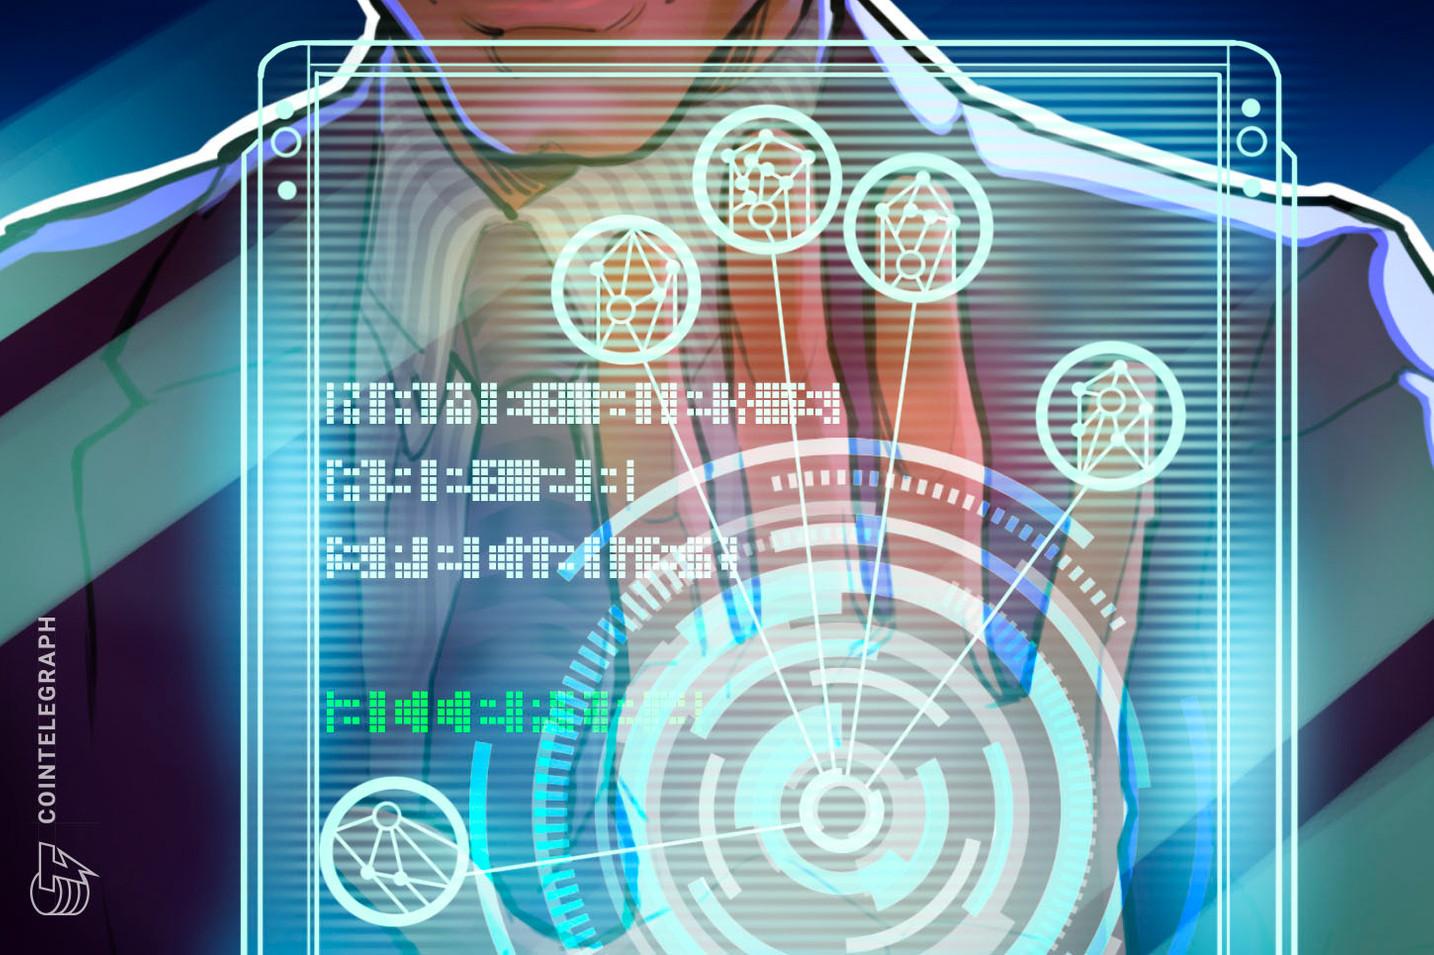 分散型IDがすべてのログイン機能に置き換わる、LG子会社が指摘